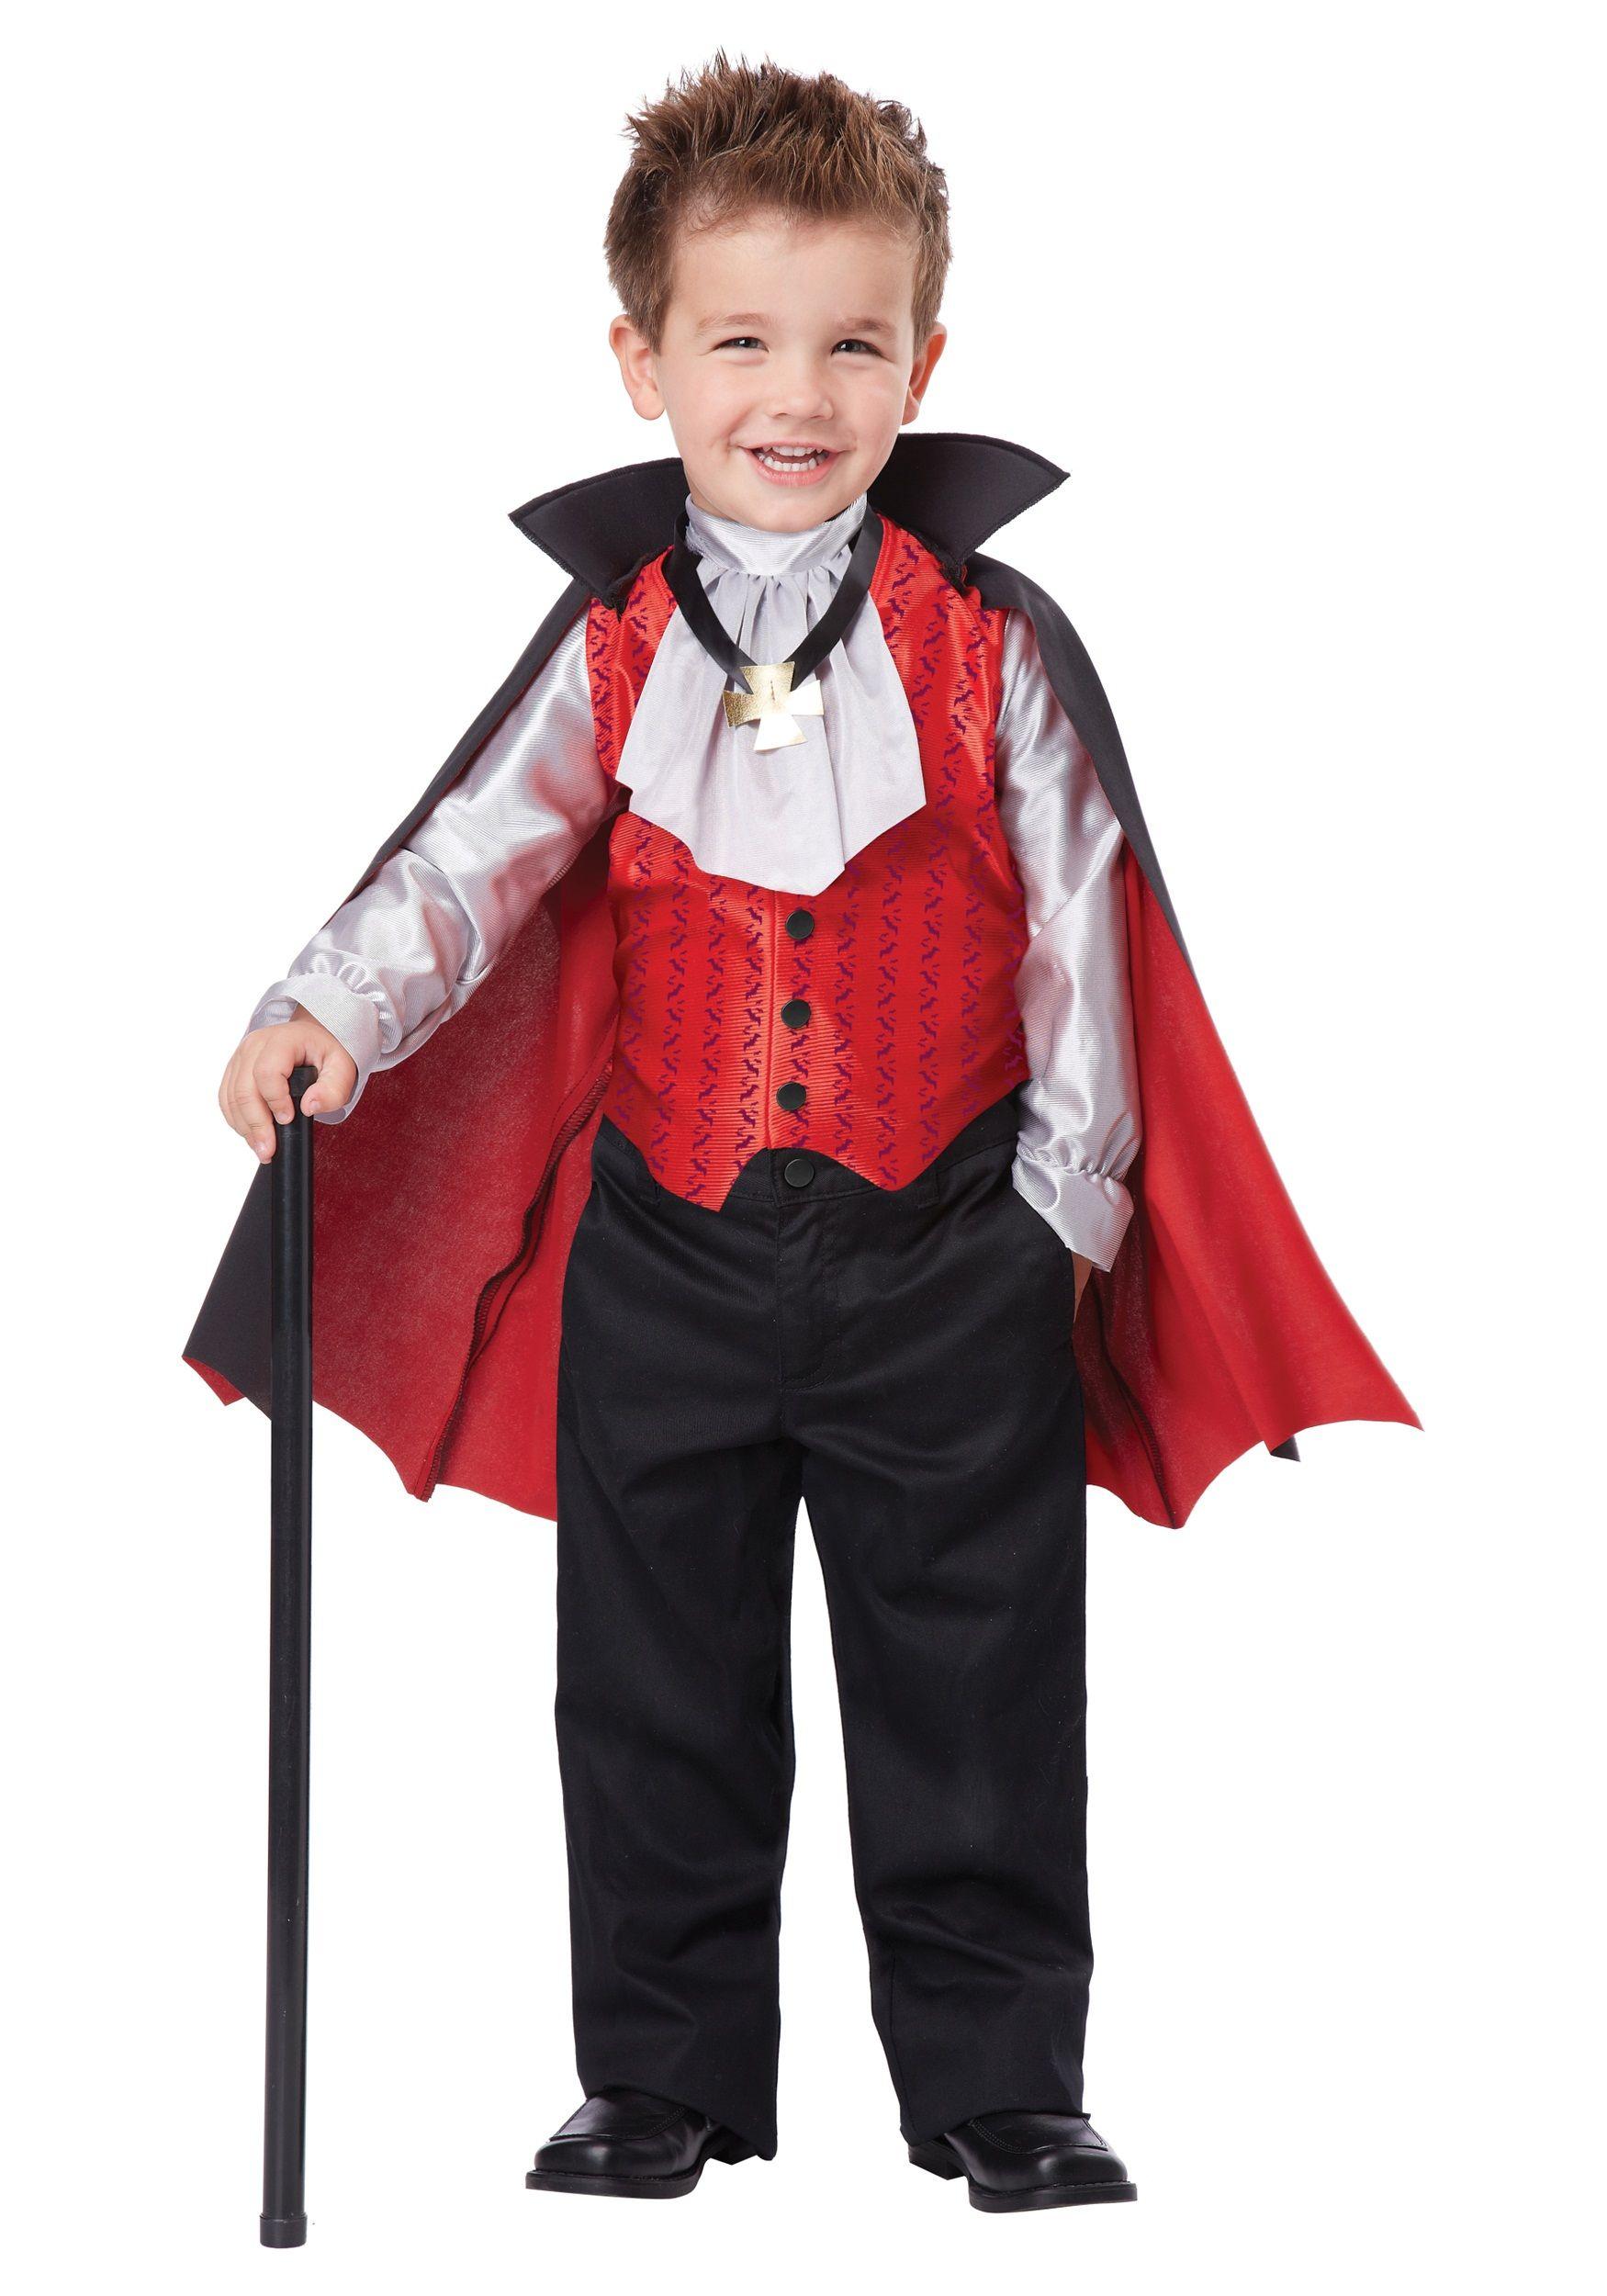 Toddler Dapper V&ire Costume  sc 1 st  Pinterest & Toddler Dapper Vampire Costume | Halloween | Pinterest | Vampire ...